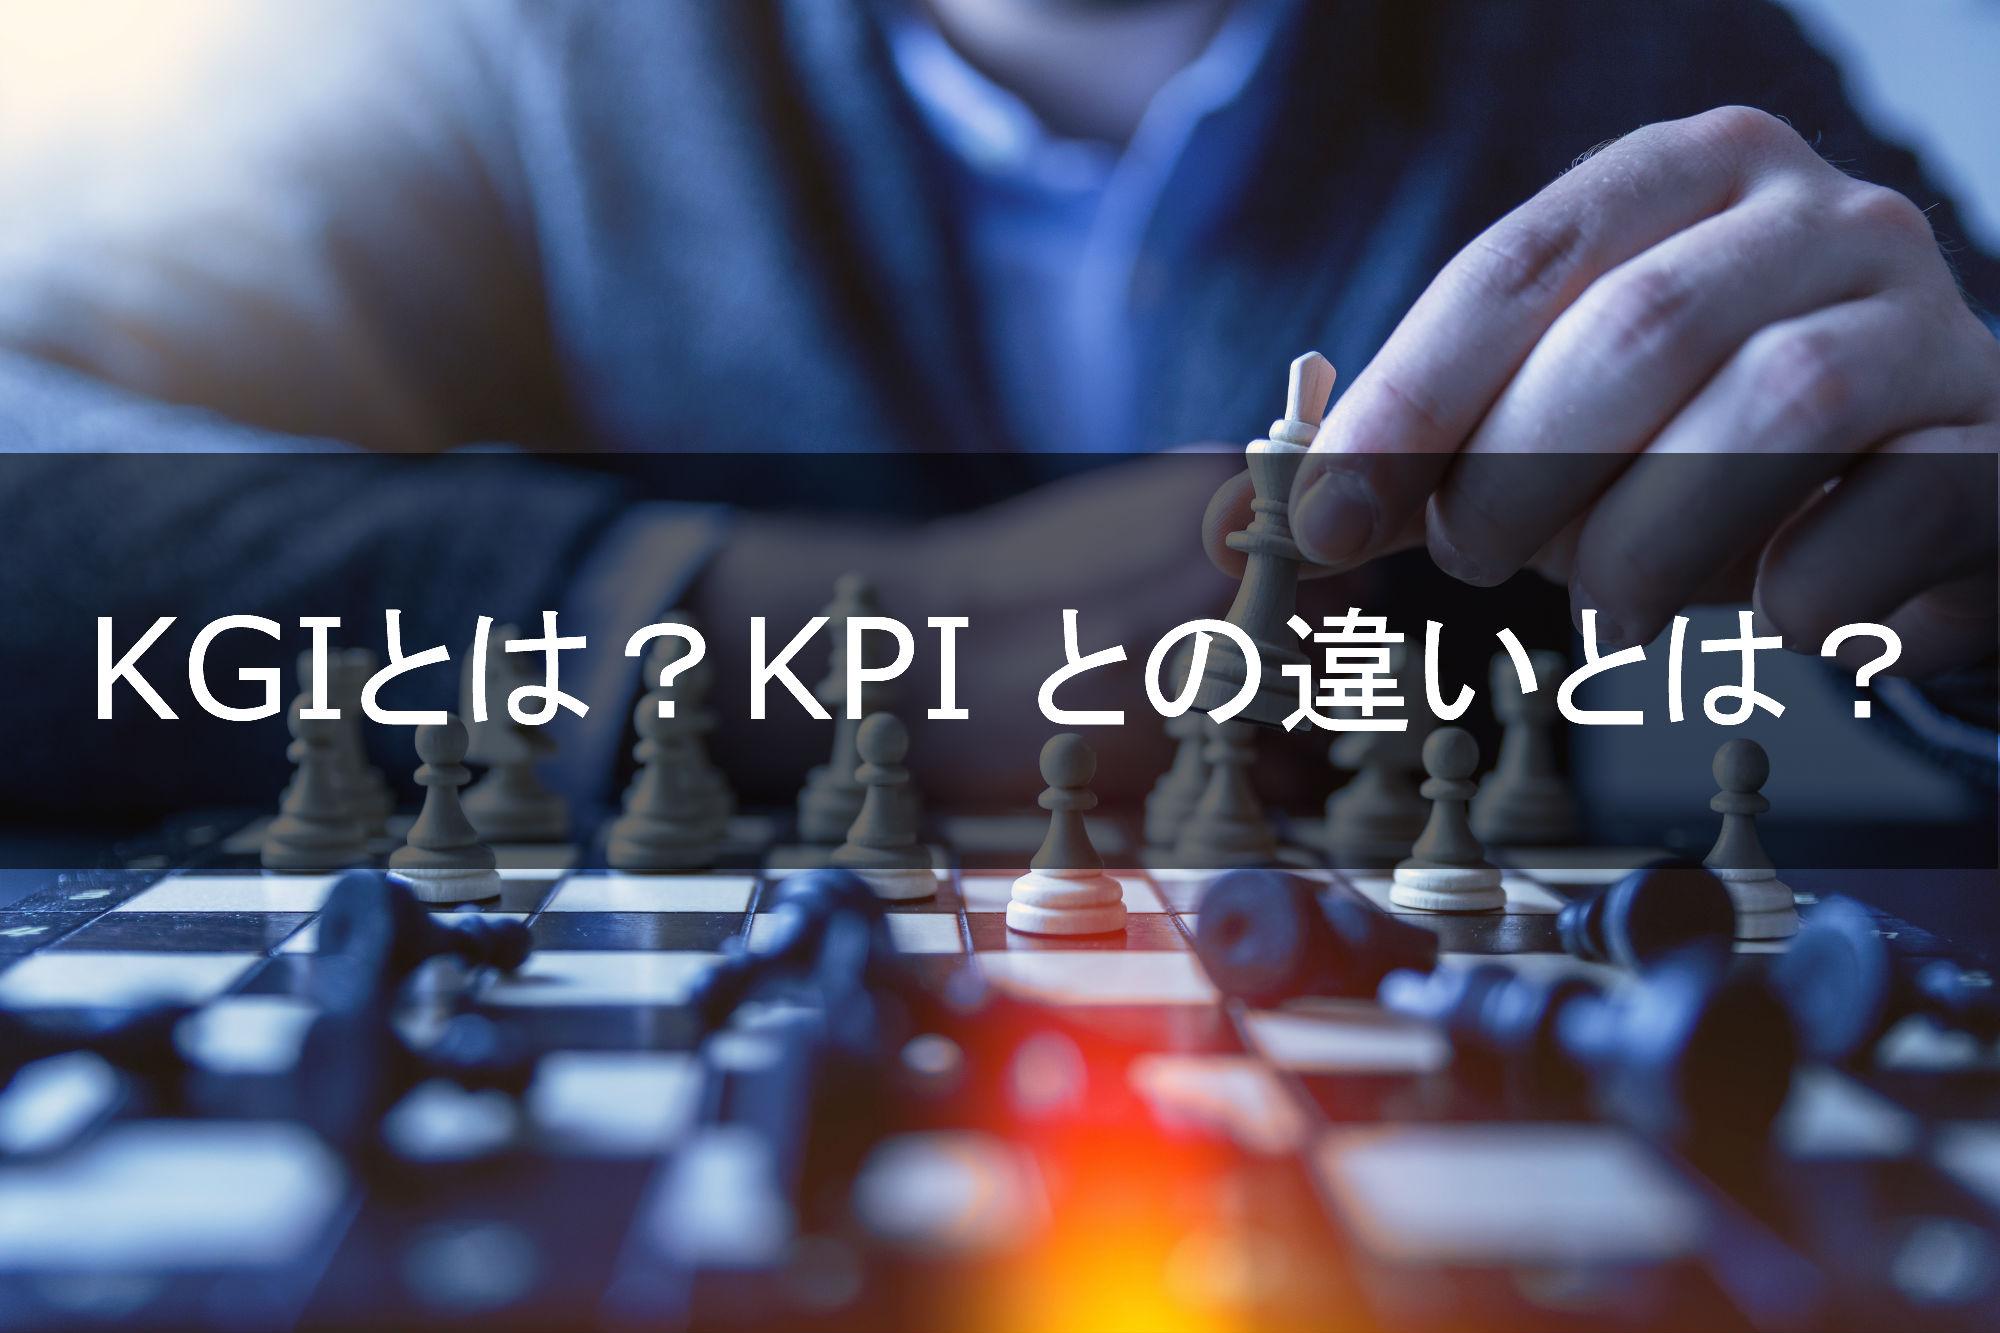 KGI(Key Goal Indicator)とは?KPI との違いとは?